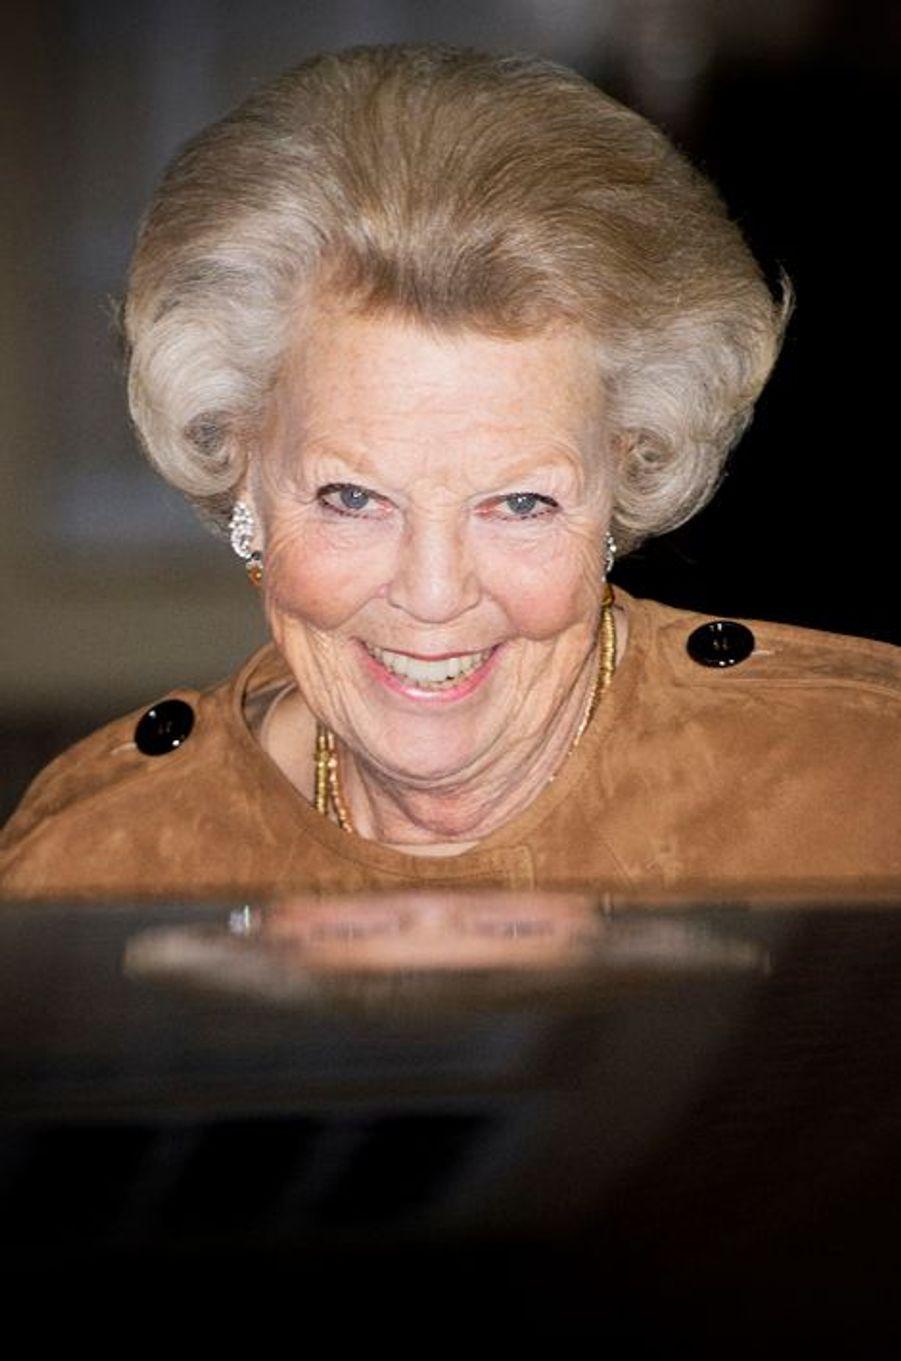 La princesse Beatrix des Pays-Bas à Apeldoorn, le 9 novembre 2014